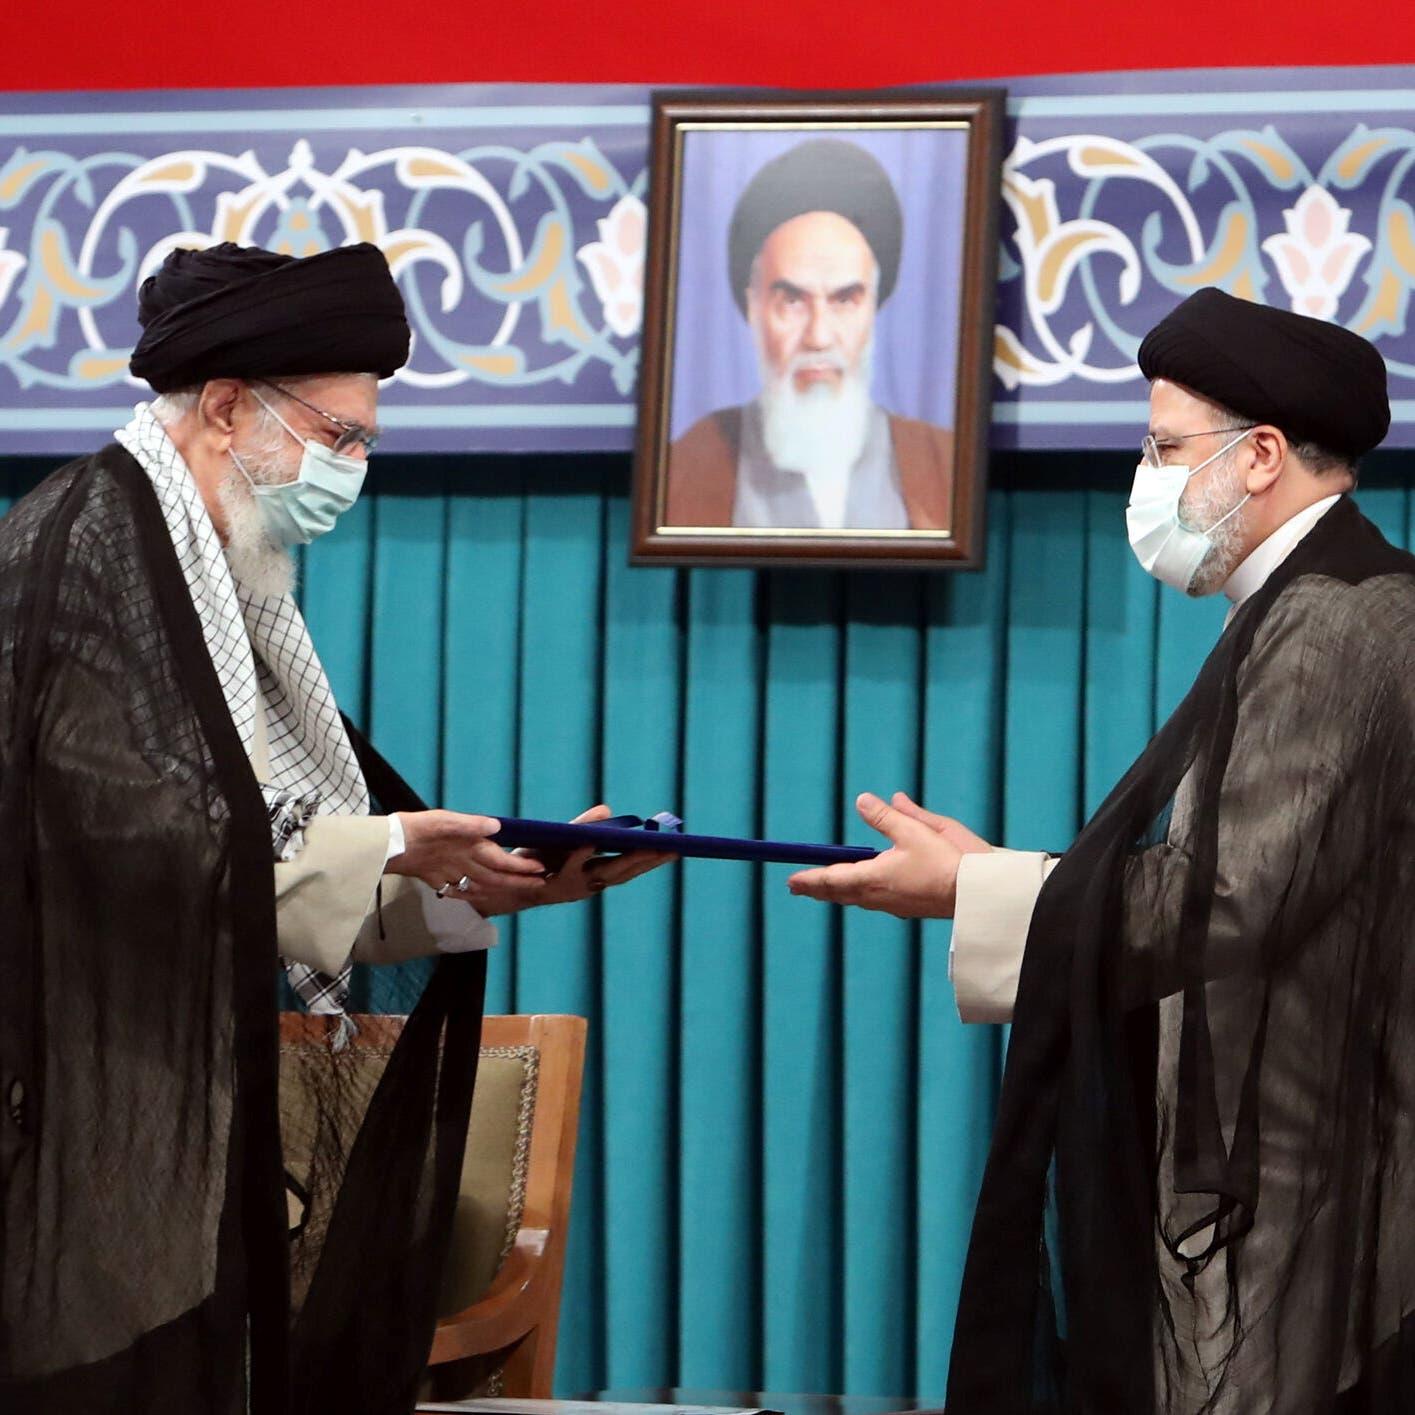 خامنئي ينصّب إبراهيم رئيسي رئيساً جديداً لإيران